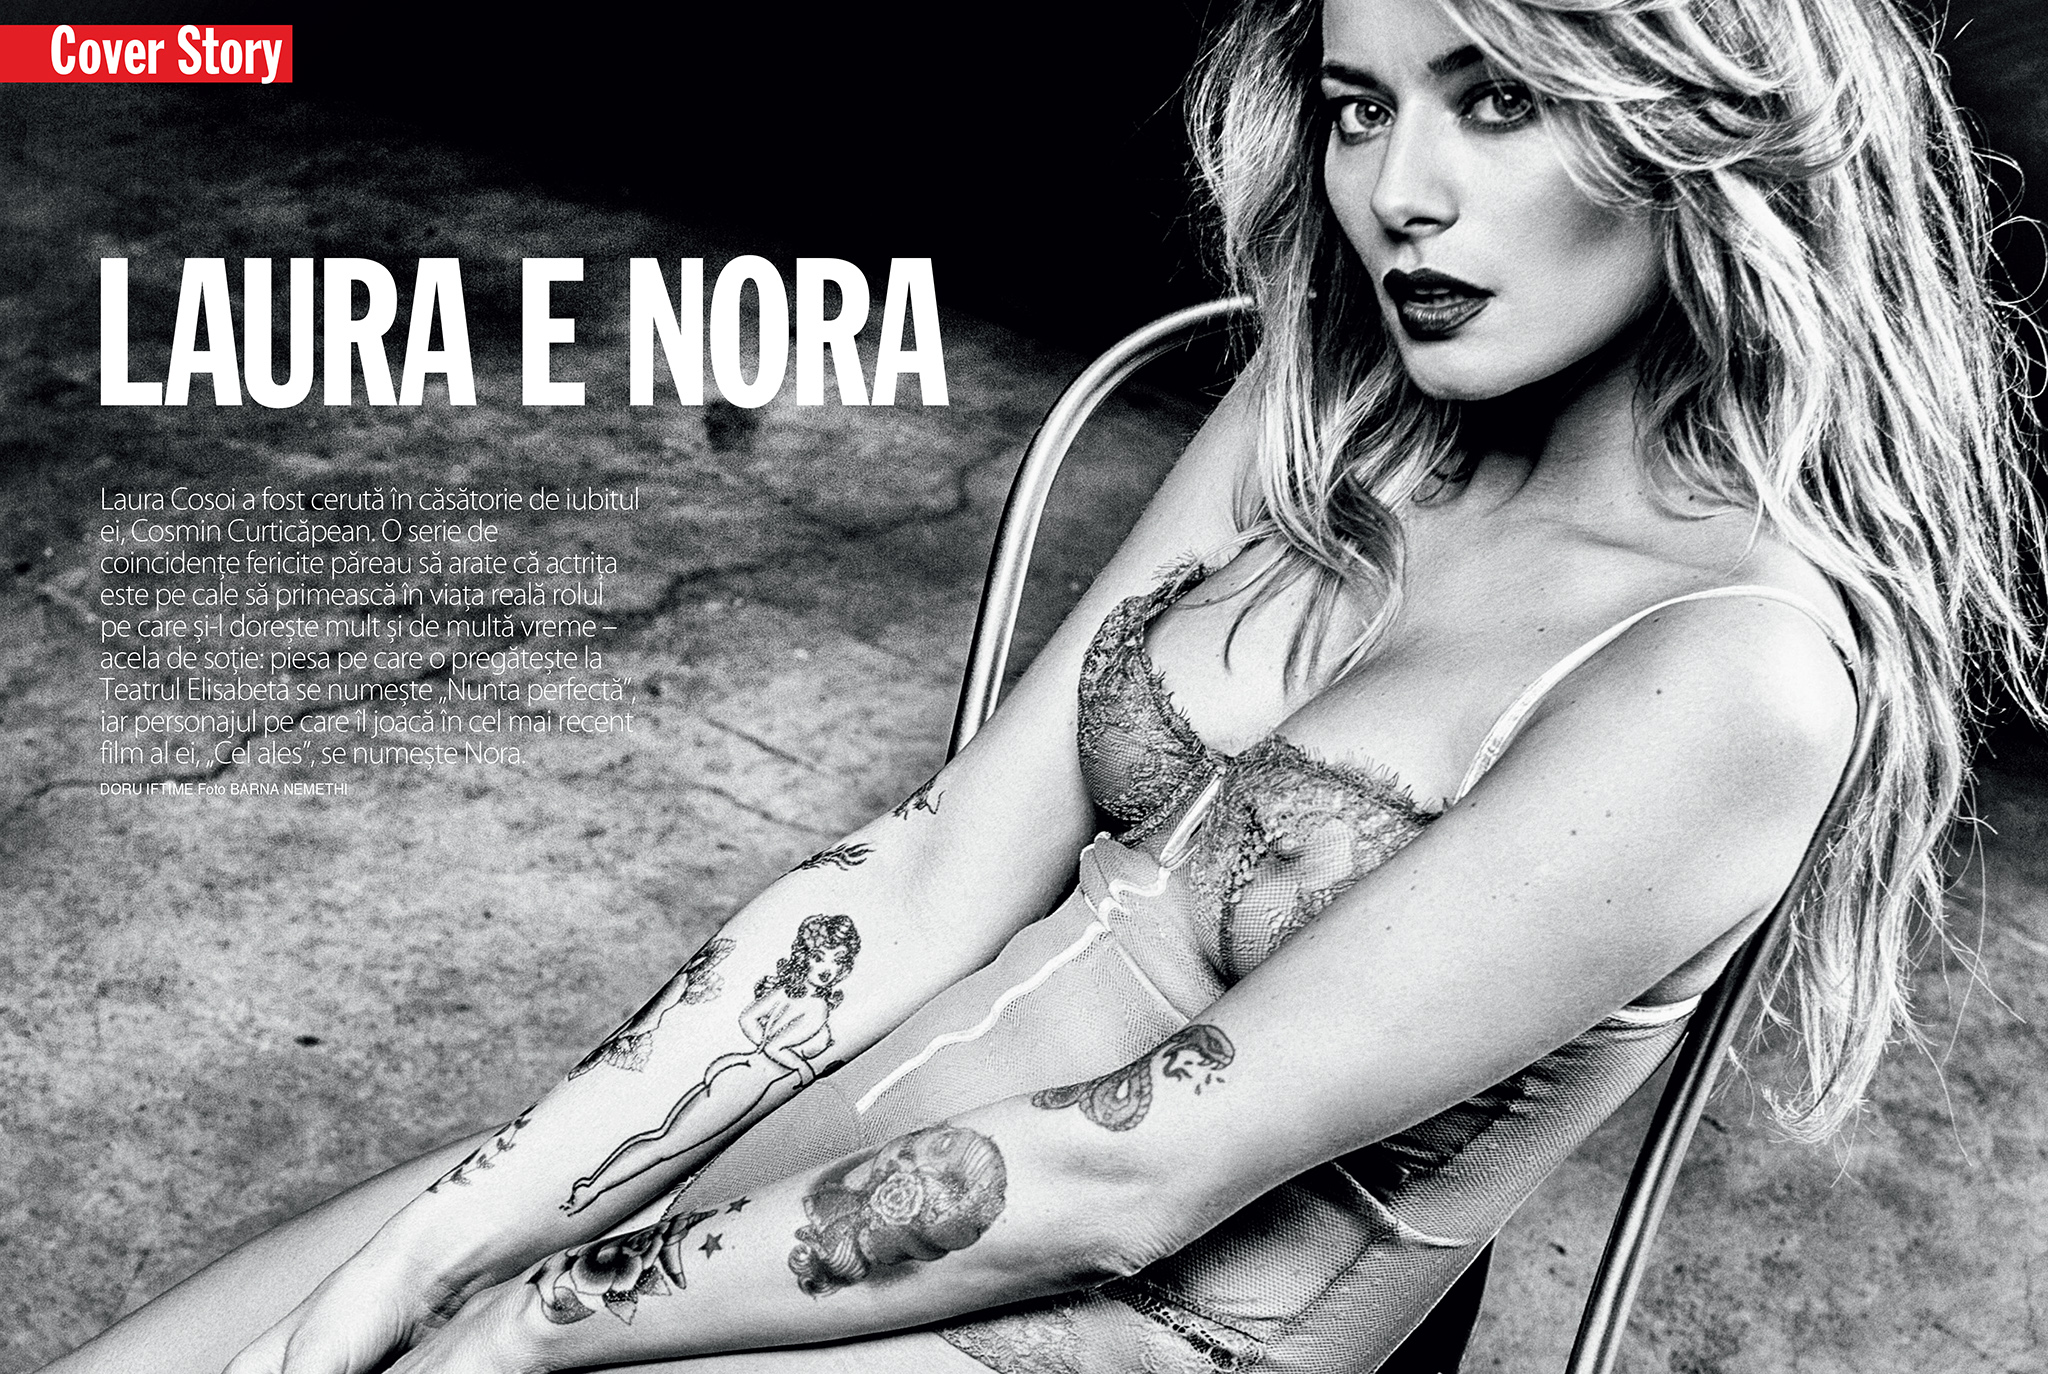 viva cover story-02-03